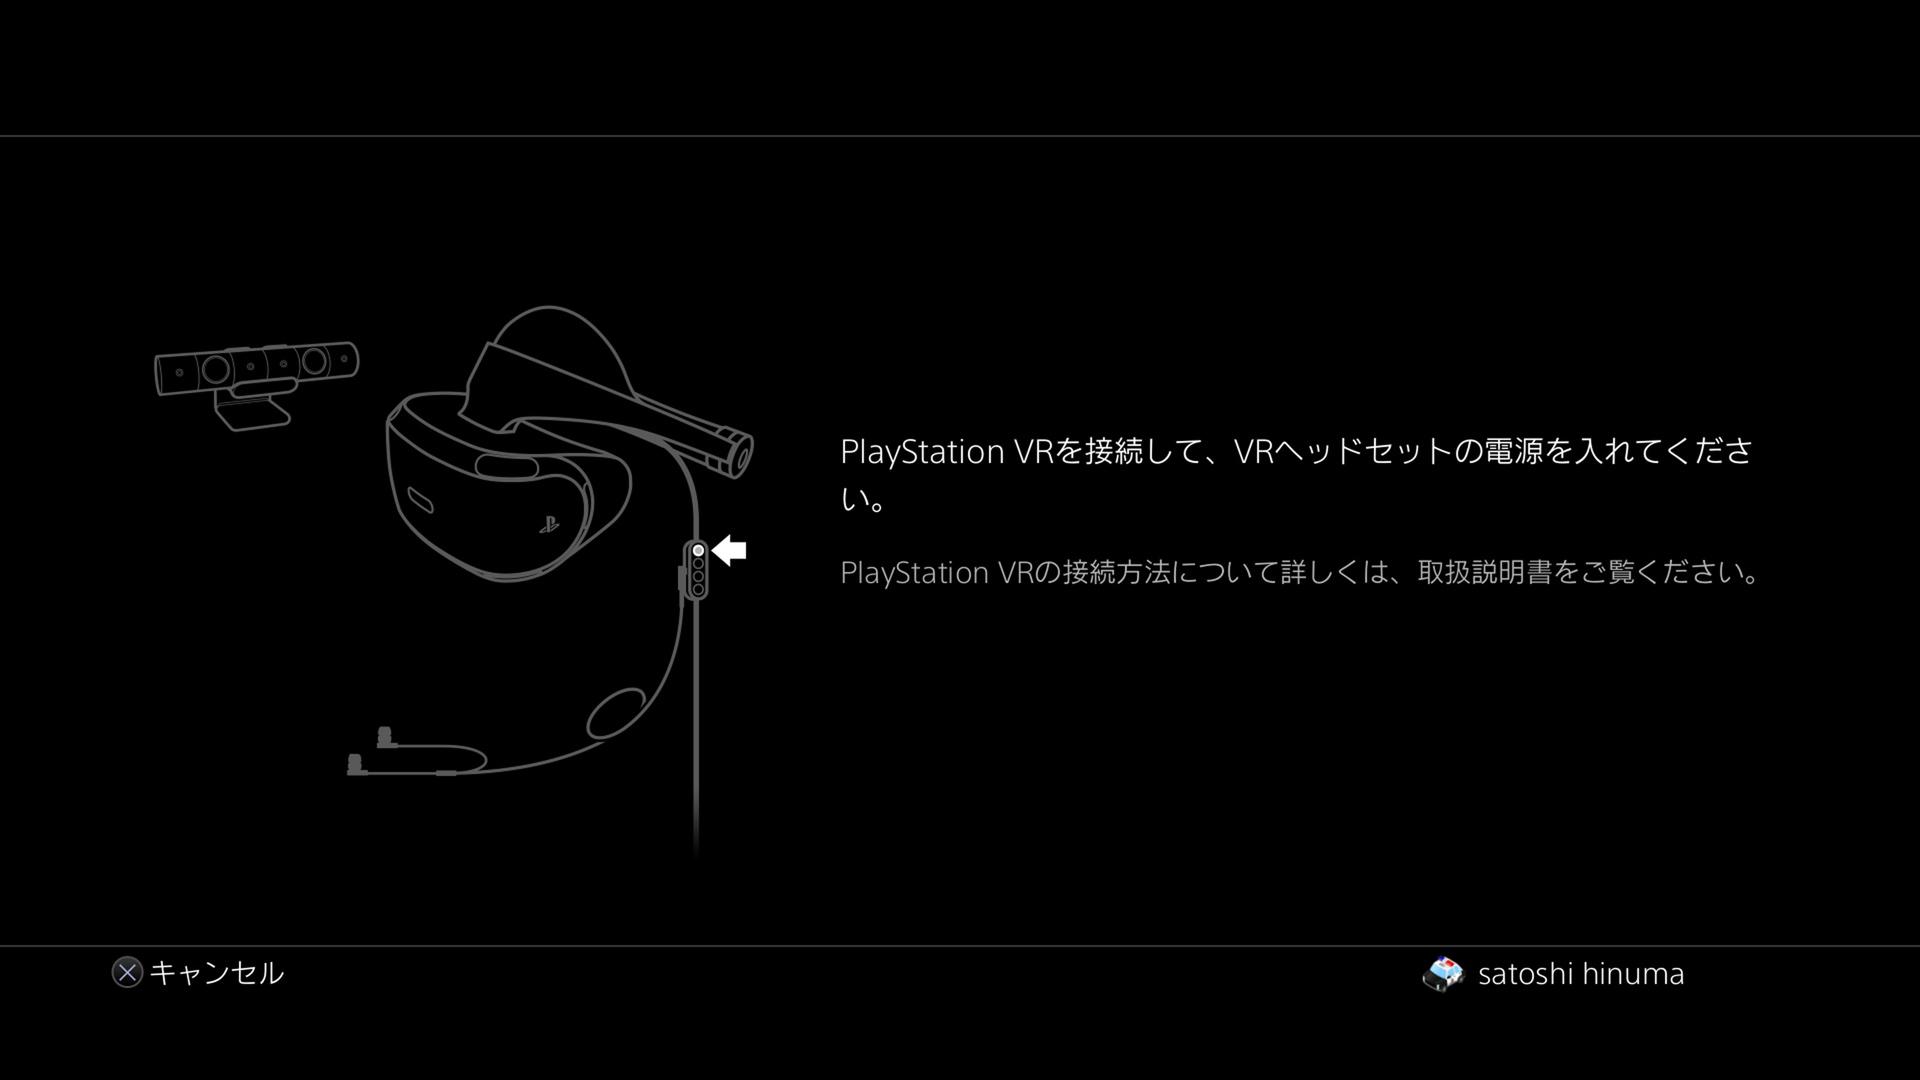 起動~PlayStation VRの電源オン指示まで